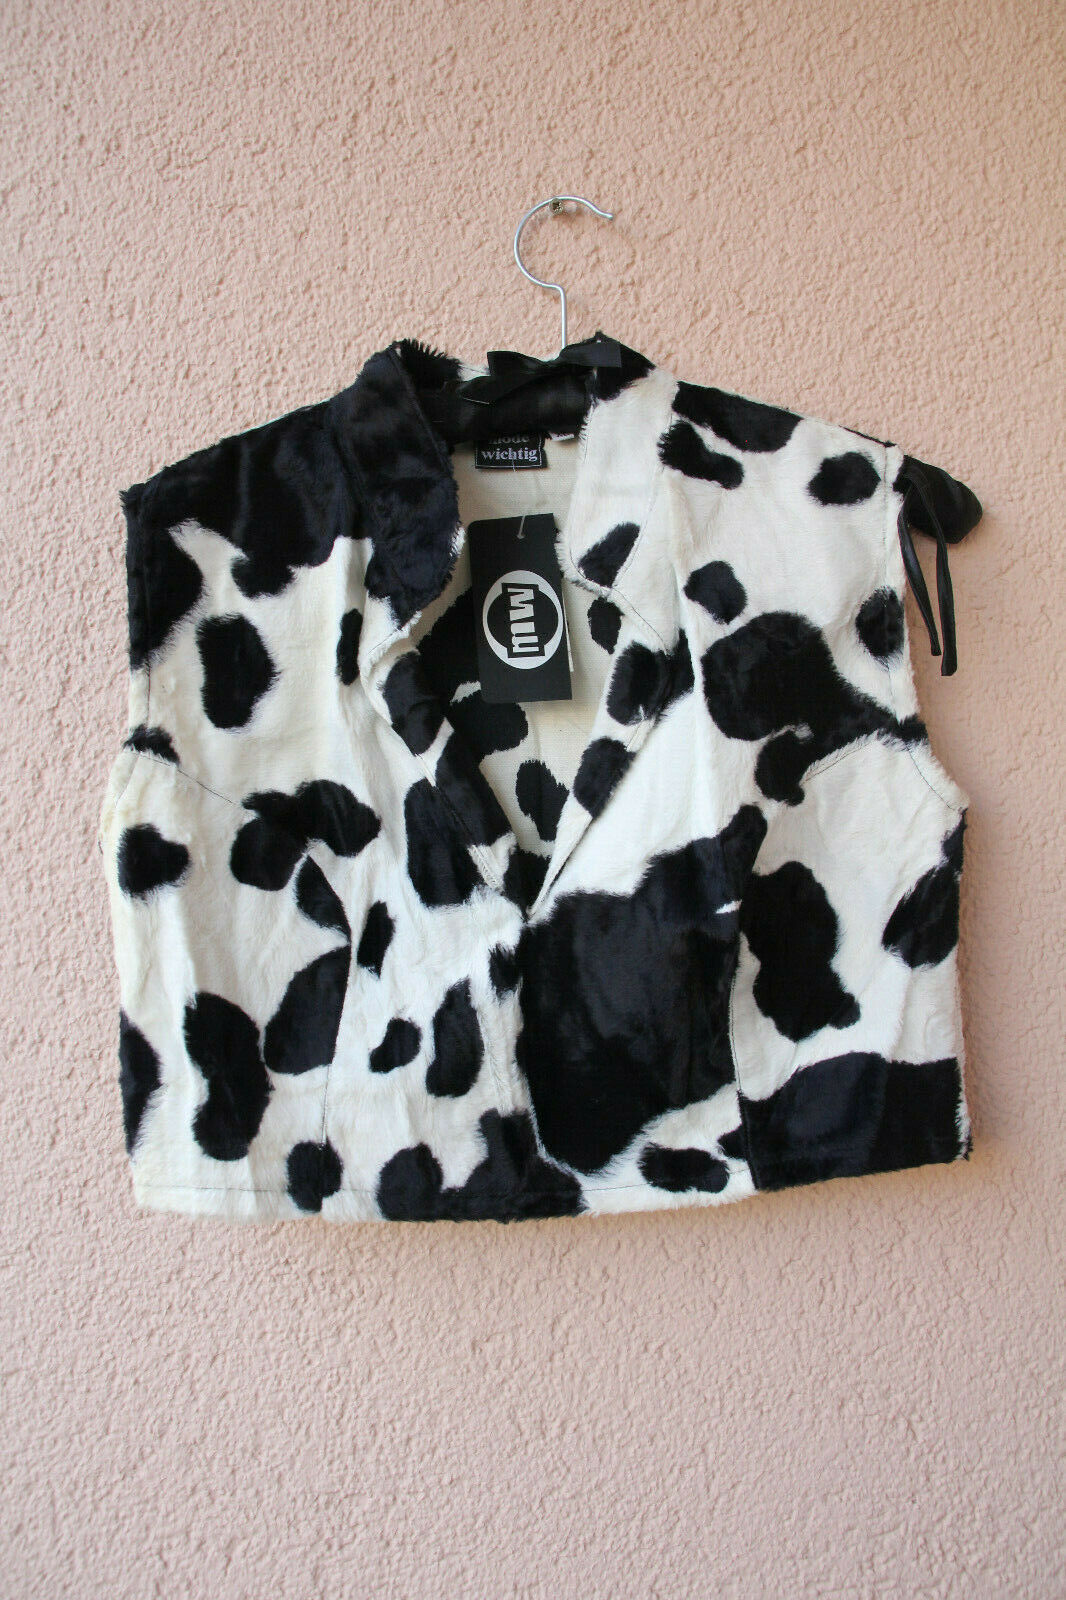 Short Top Tierimitat Tierimitat Tierimitat Cow Kuh  5 von Mode Wichtig, Gr XL (90s Karneval Party)    | Verschiedene Stile  | Elegante und robuste Verpackung  | Vorzugspreis  | Creative  | Online Shop  a6bf12